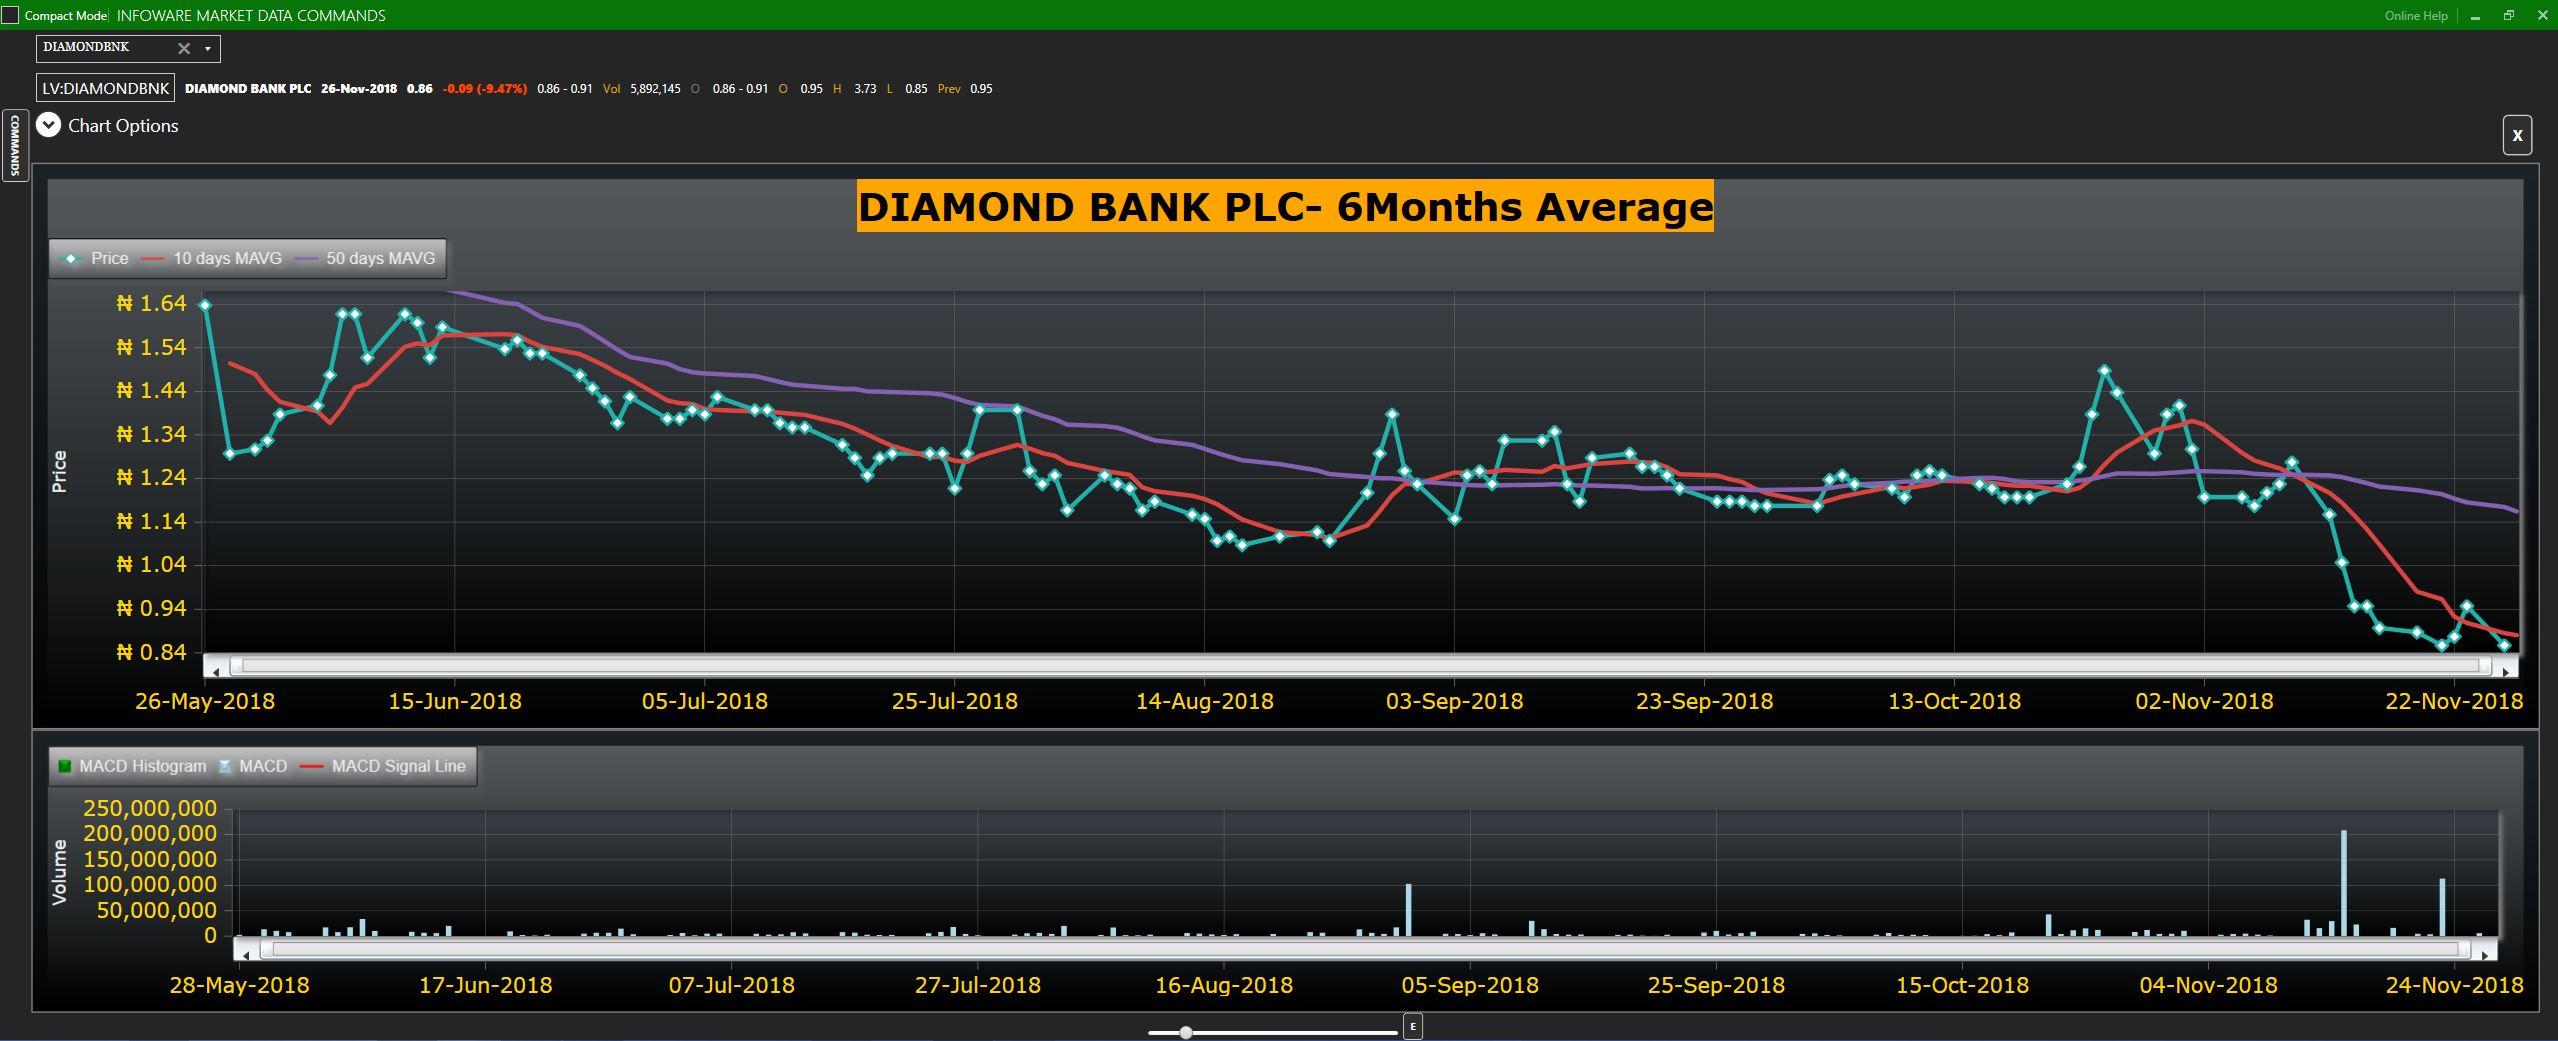 DIAMOND BANK IMDT